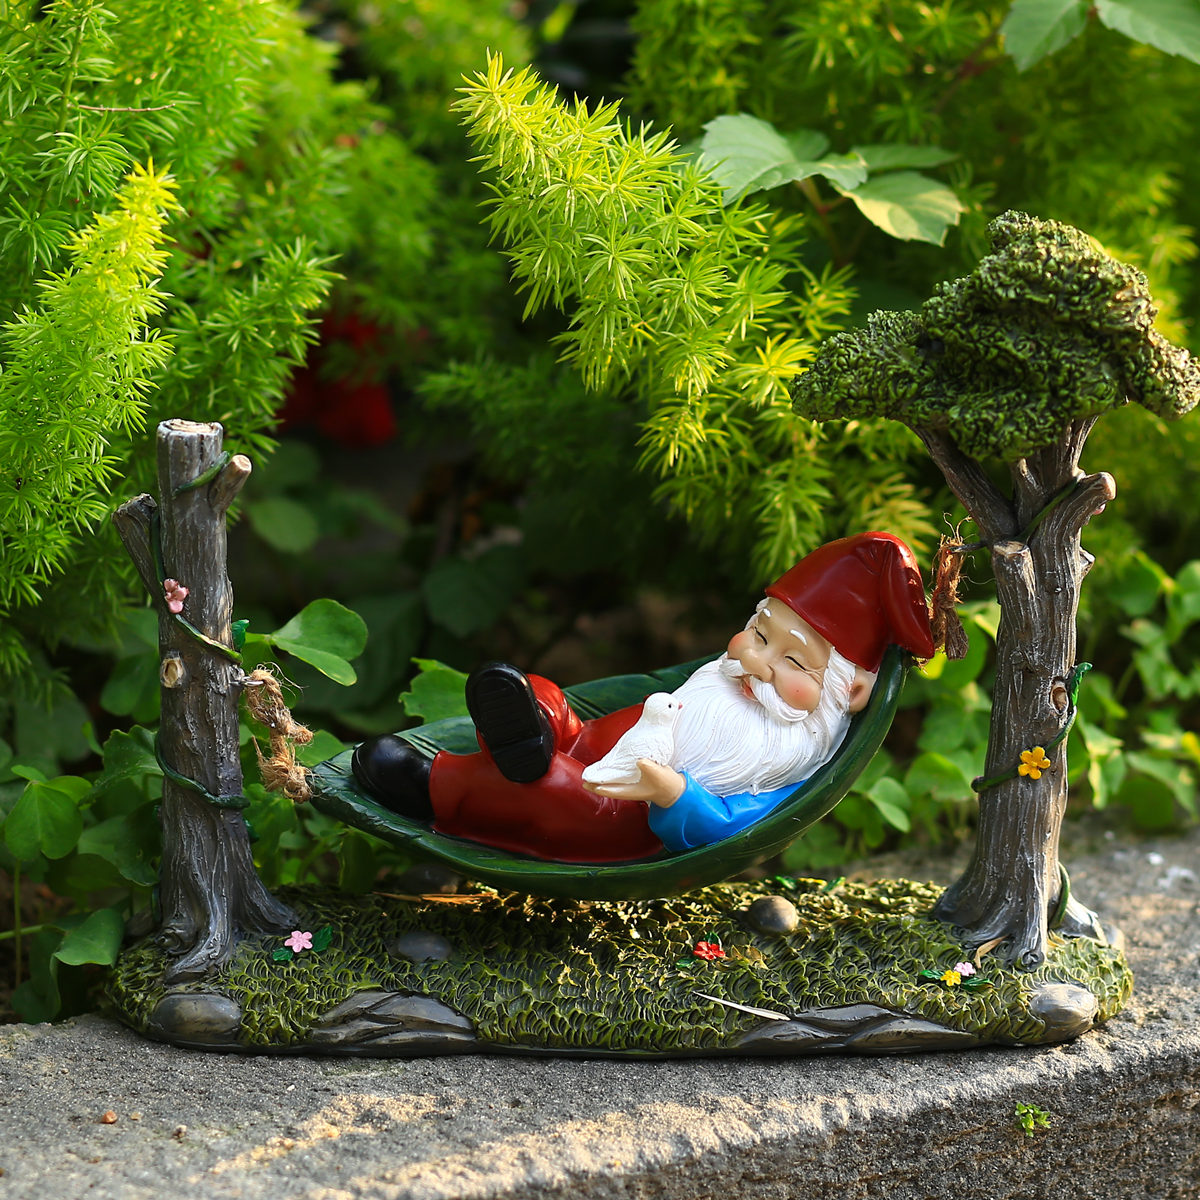 أرجوحة التماثيل غنوم الراتنج التماثيل حديقة زخرفة مضحك القزم النحت مصغرة ديكور للحديقة لمصغرة الغابات